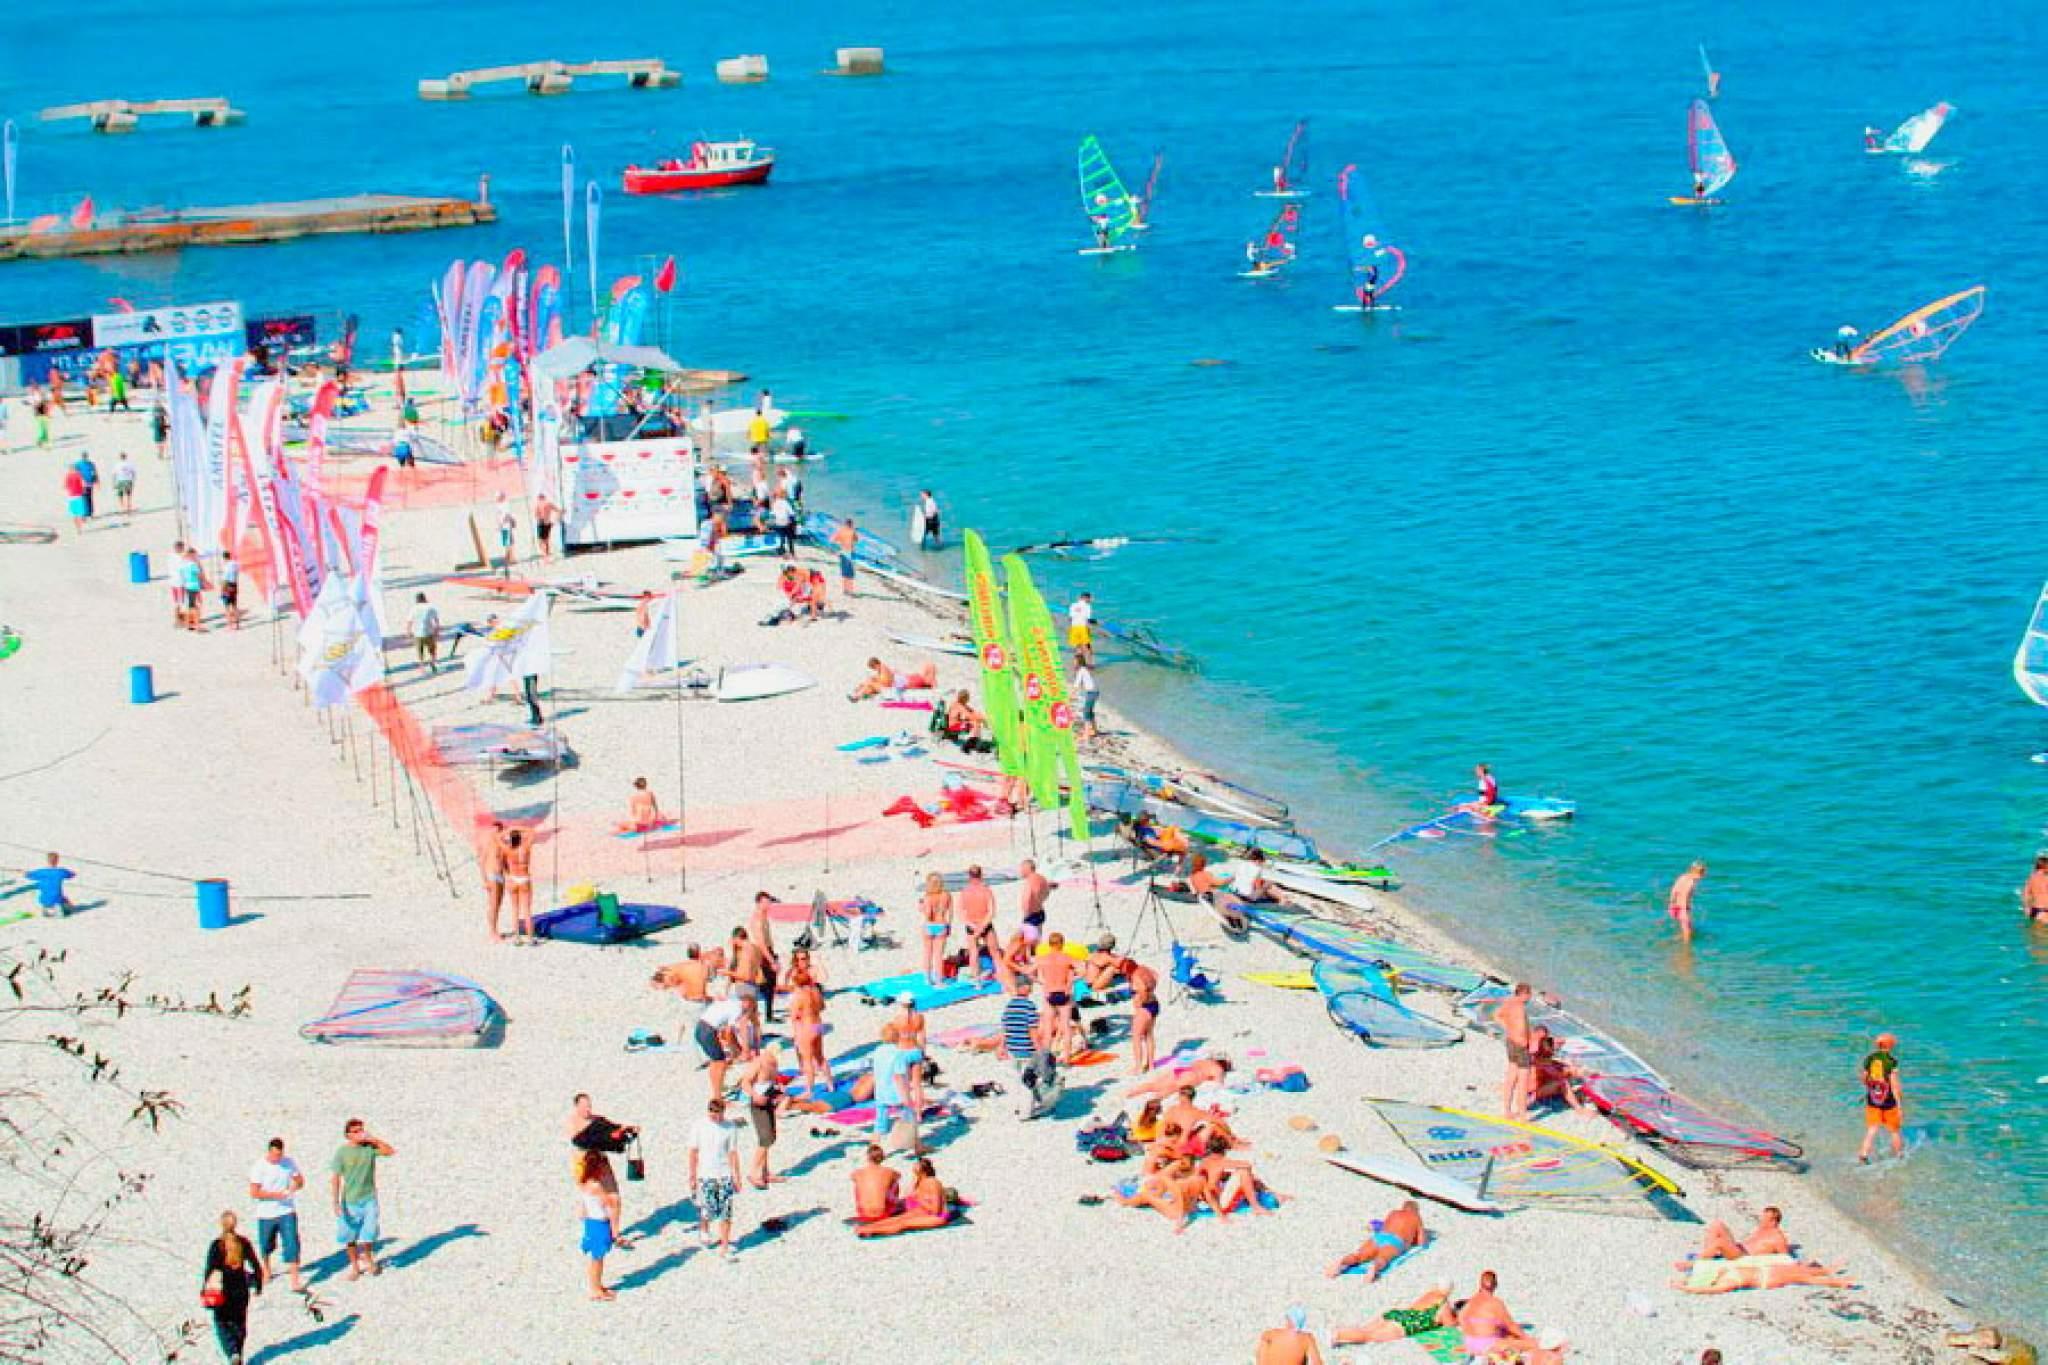 Пляжи на Черном море. Пляжи в Крыму. Пляжи Азовского моря 12